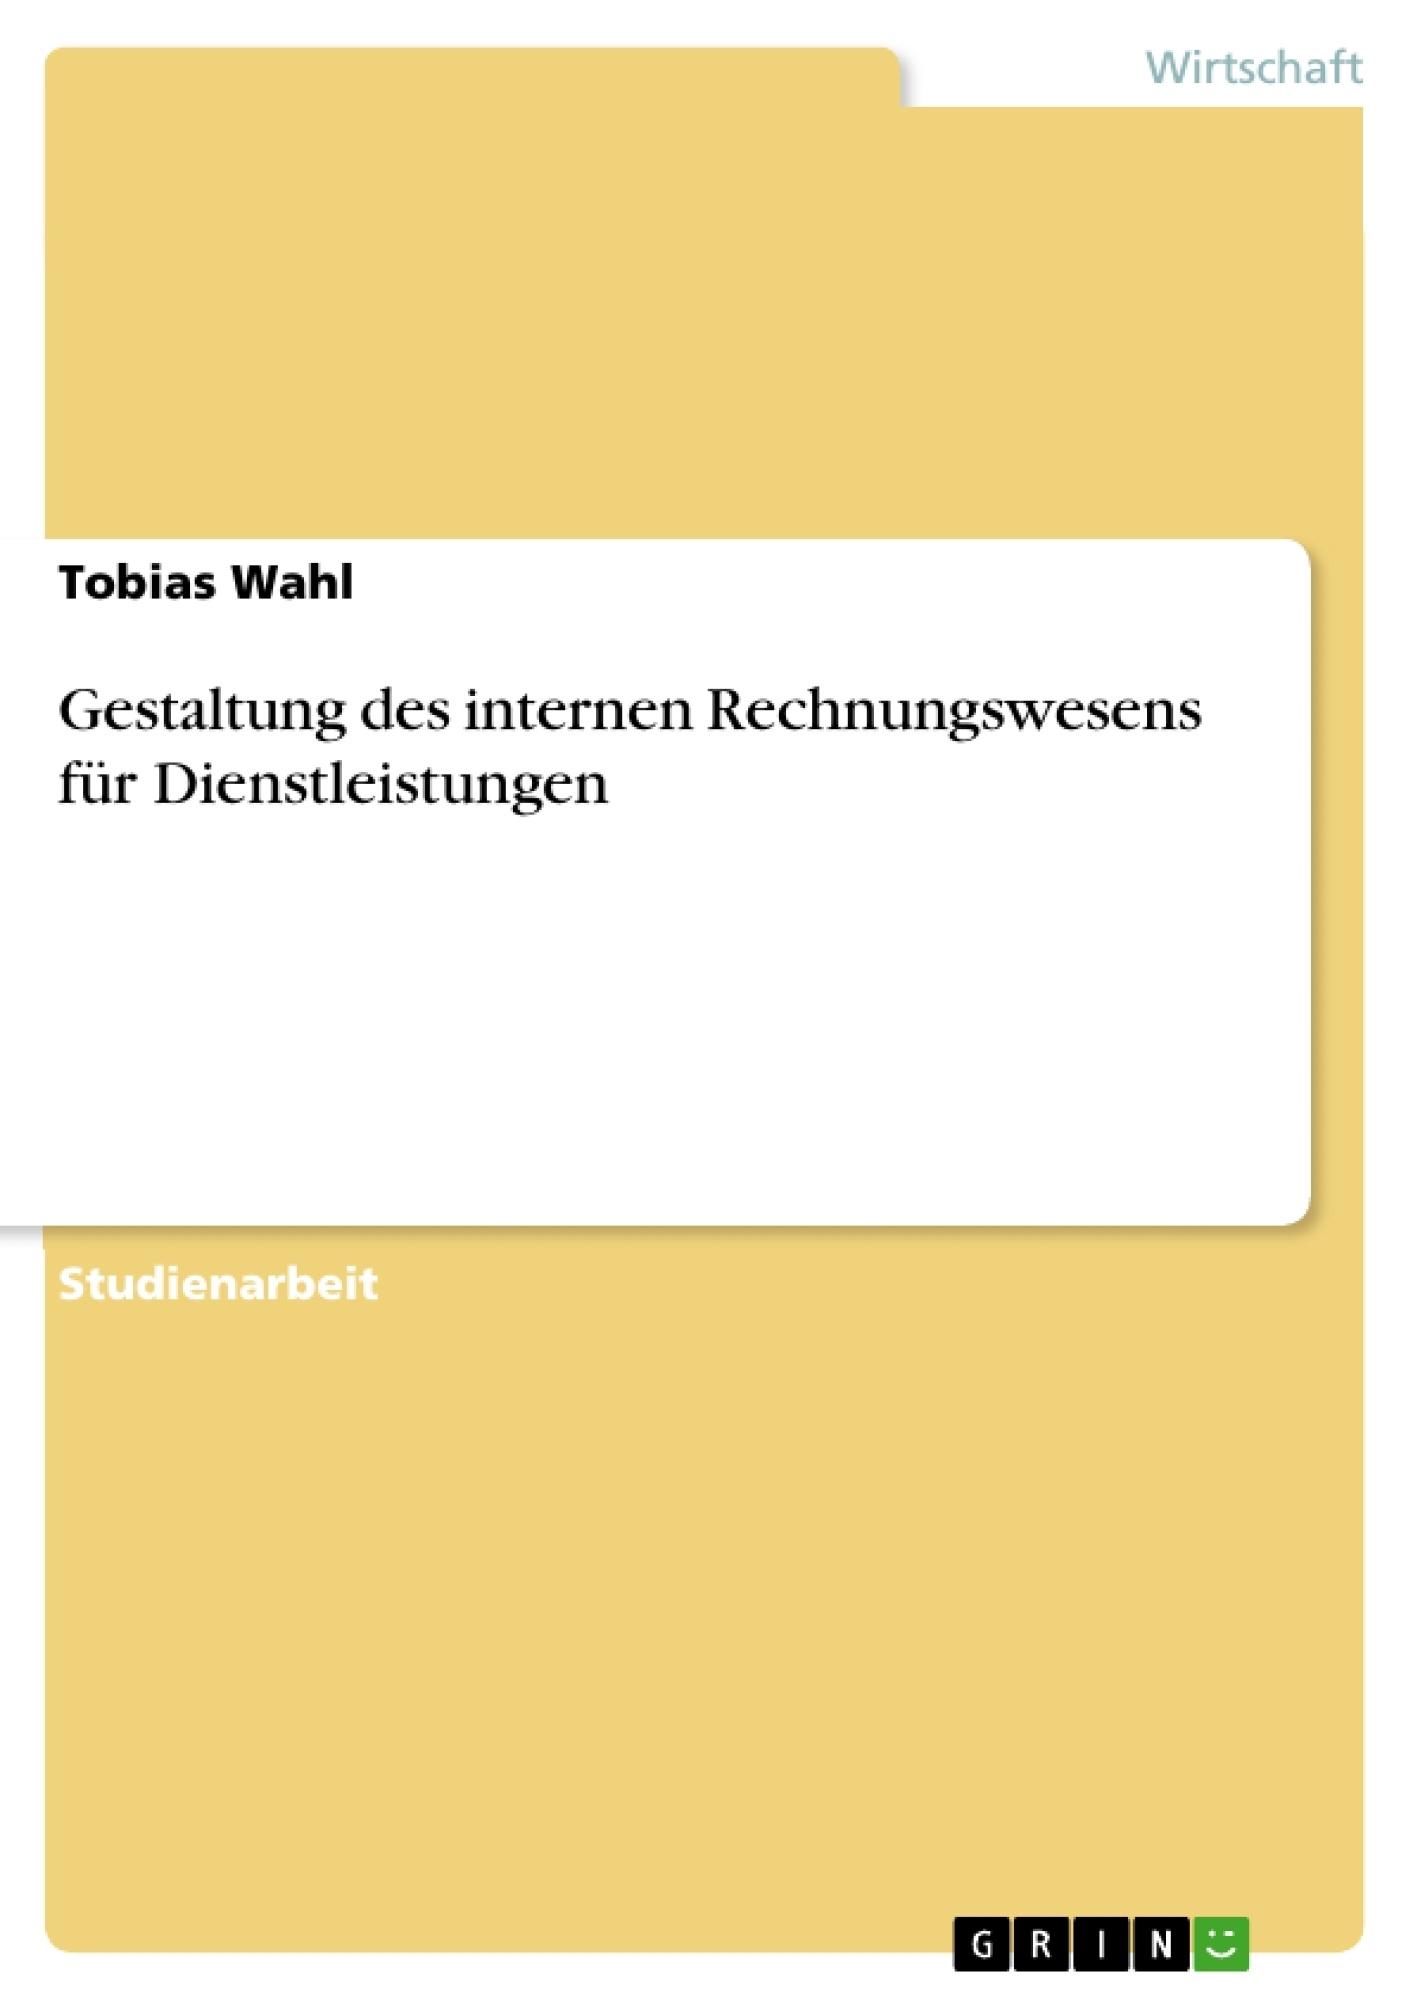 Titel: Gestaltung des internen Rechnungswesens für Dienstleistungen